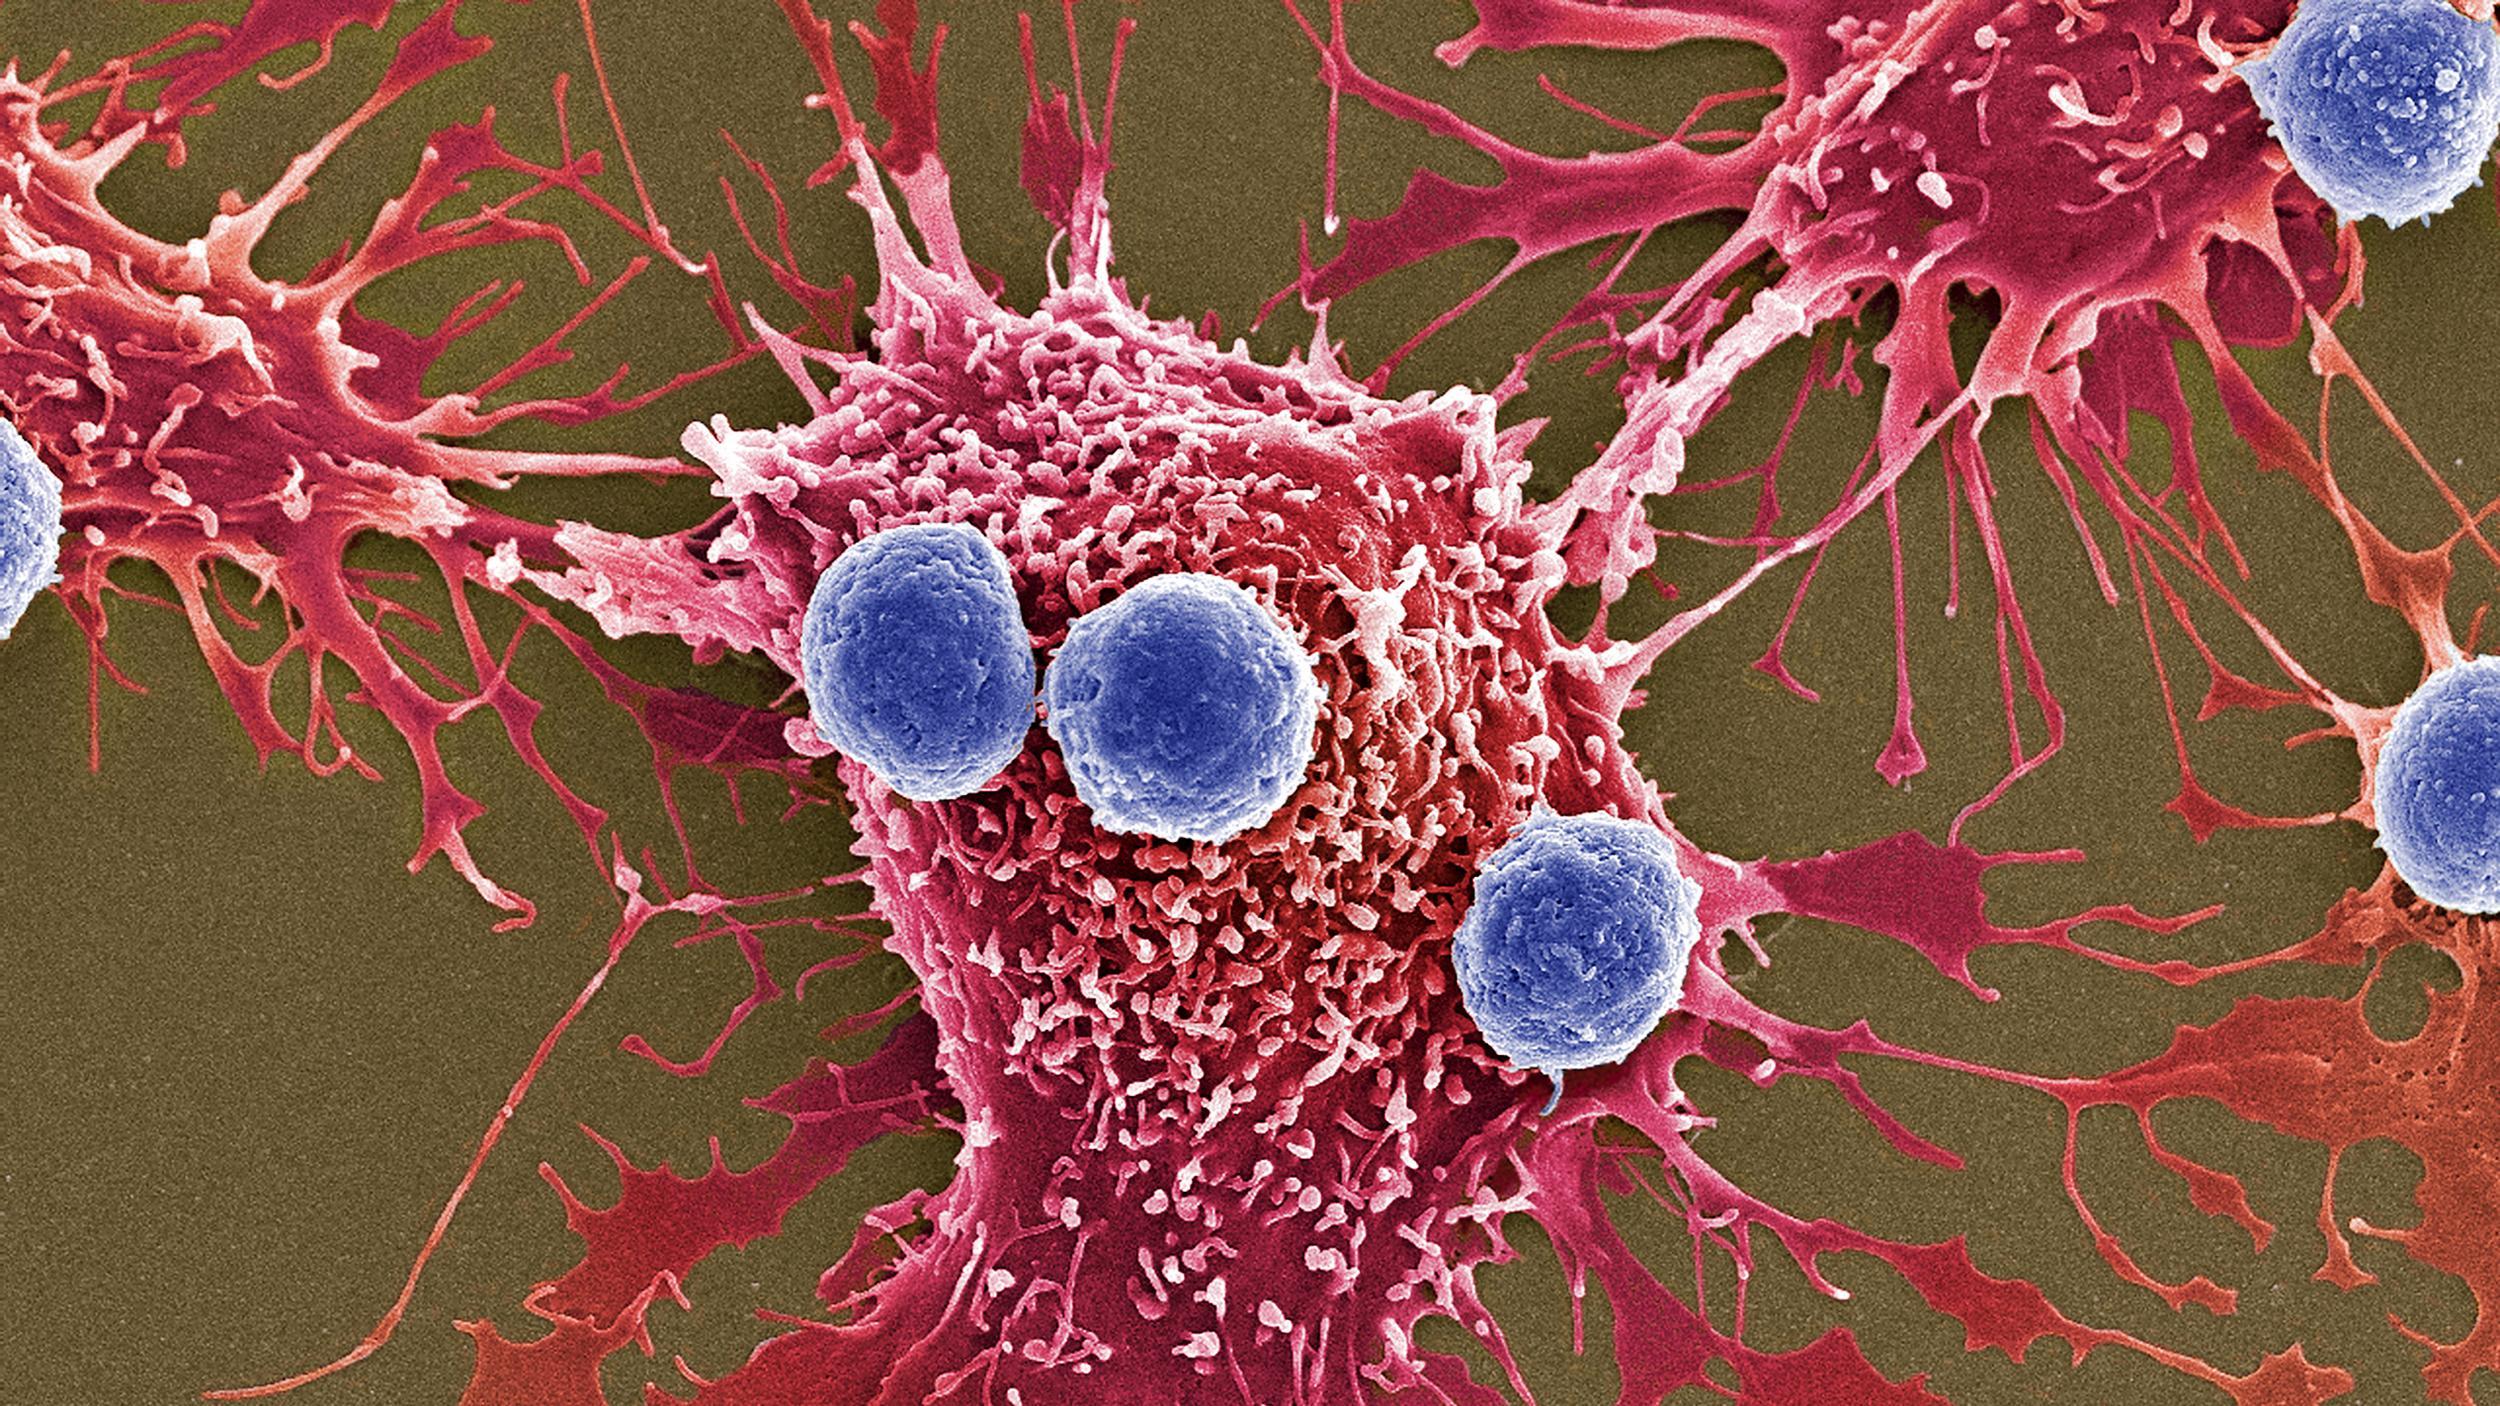 Ученые пообещали лекарство против рака через год. Эксперты настроены скептически